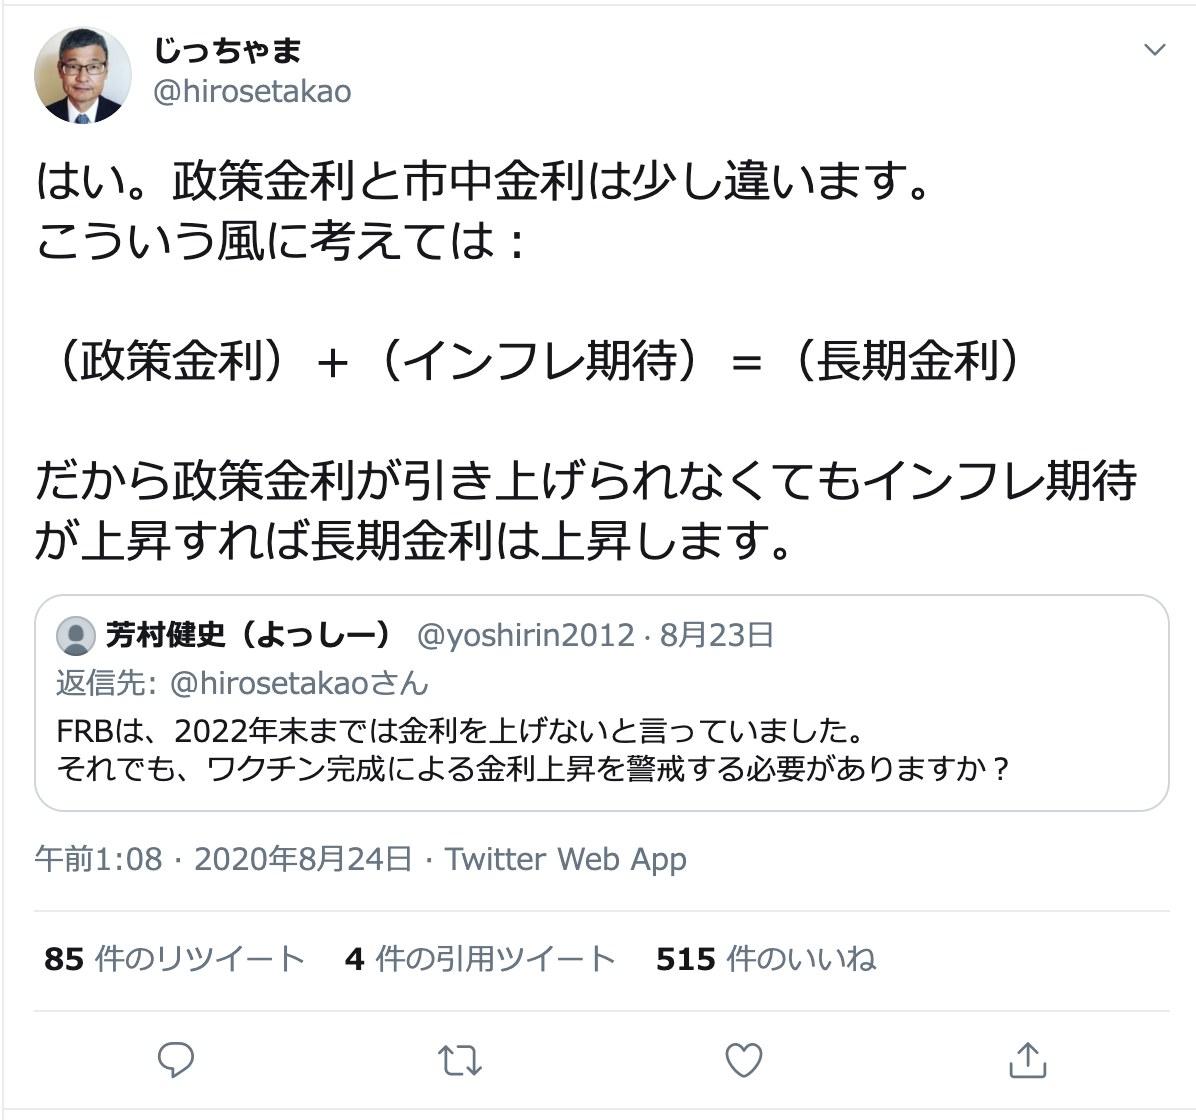 https://twitter.com/hirosetakao/status/1297566427000471553?s=20